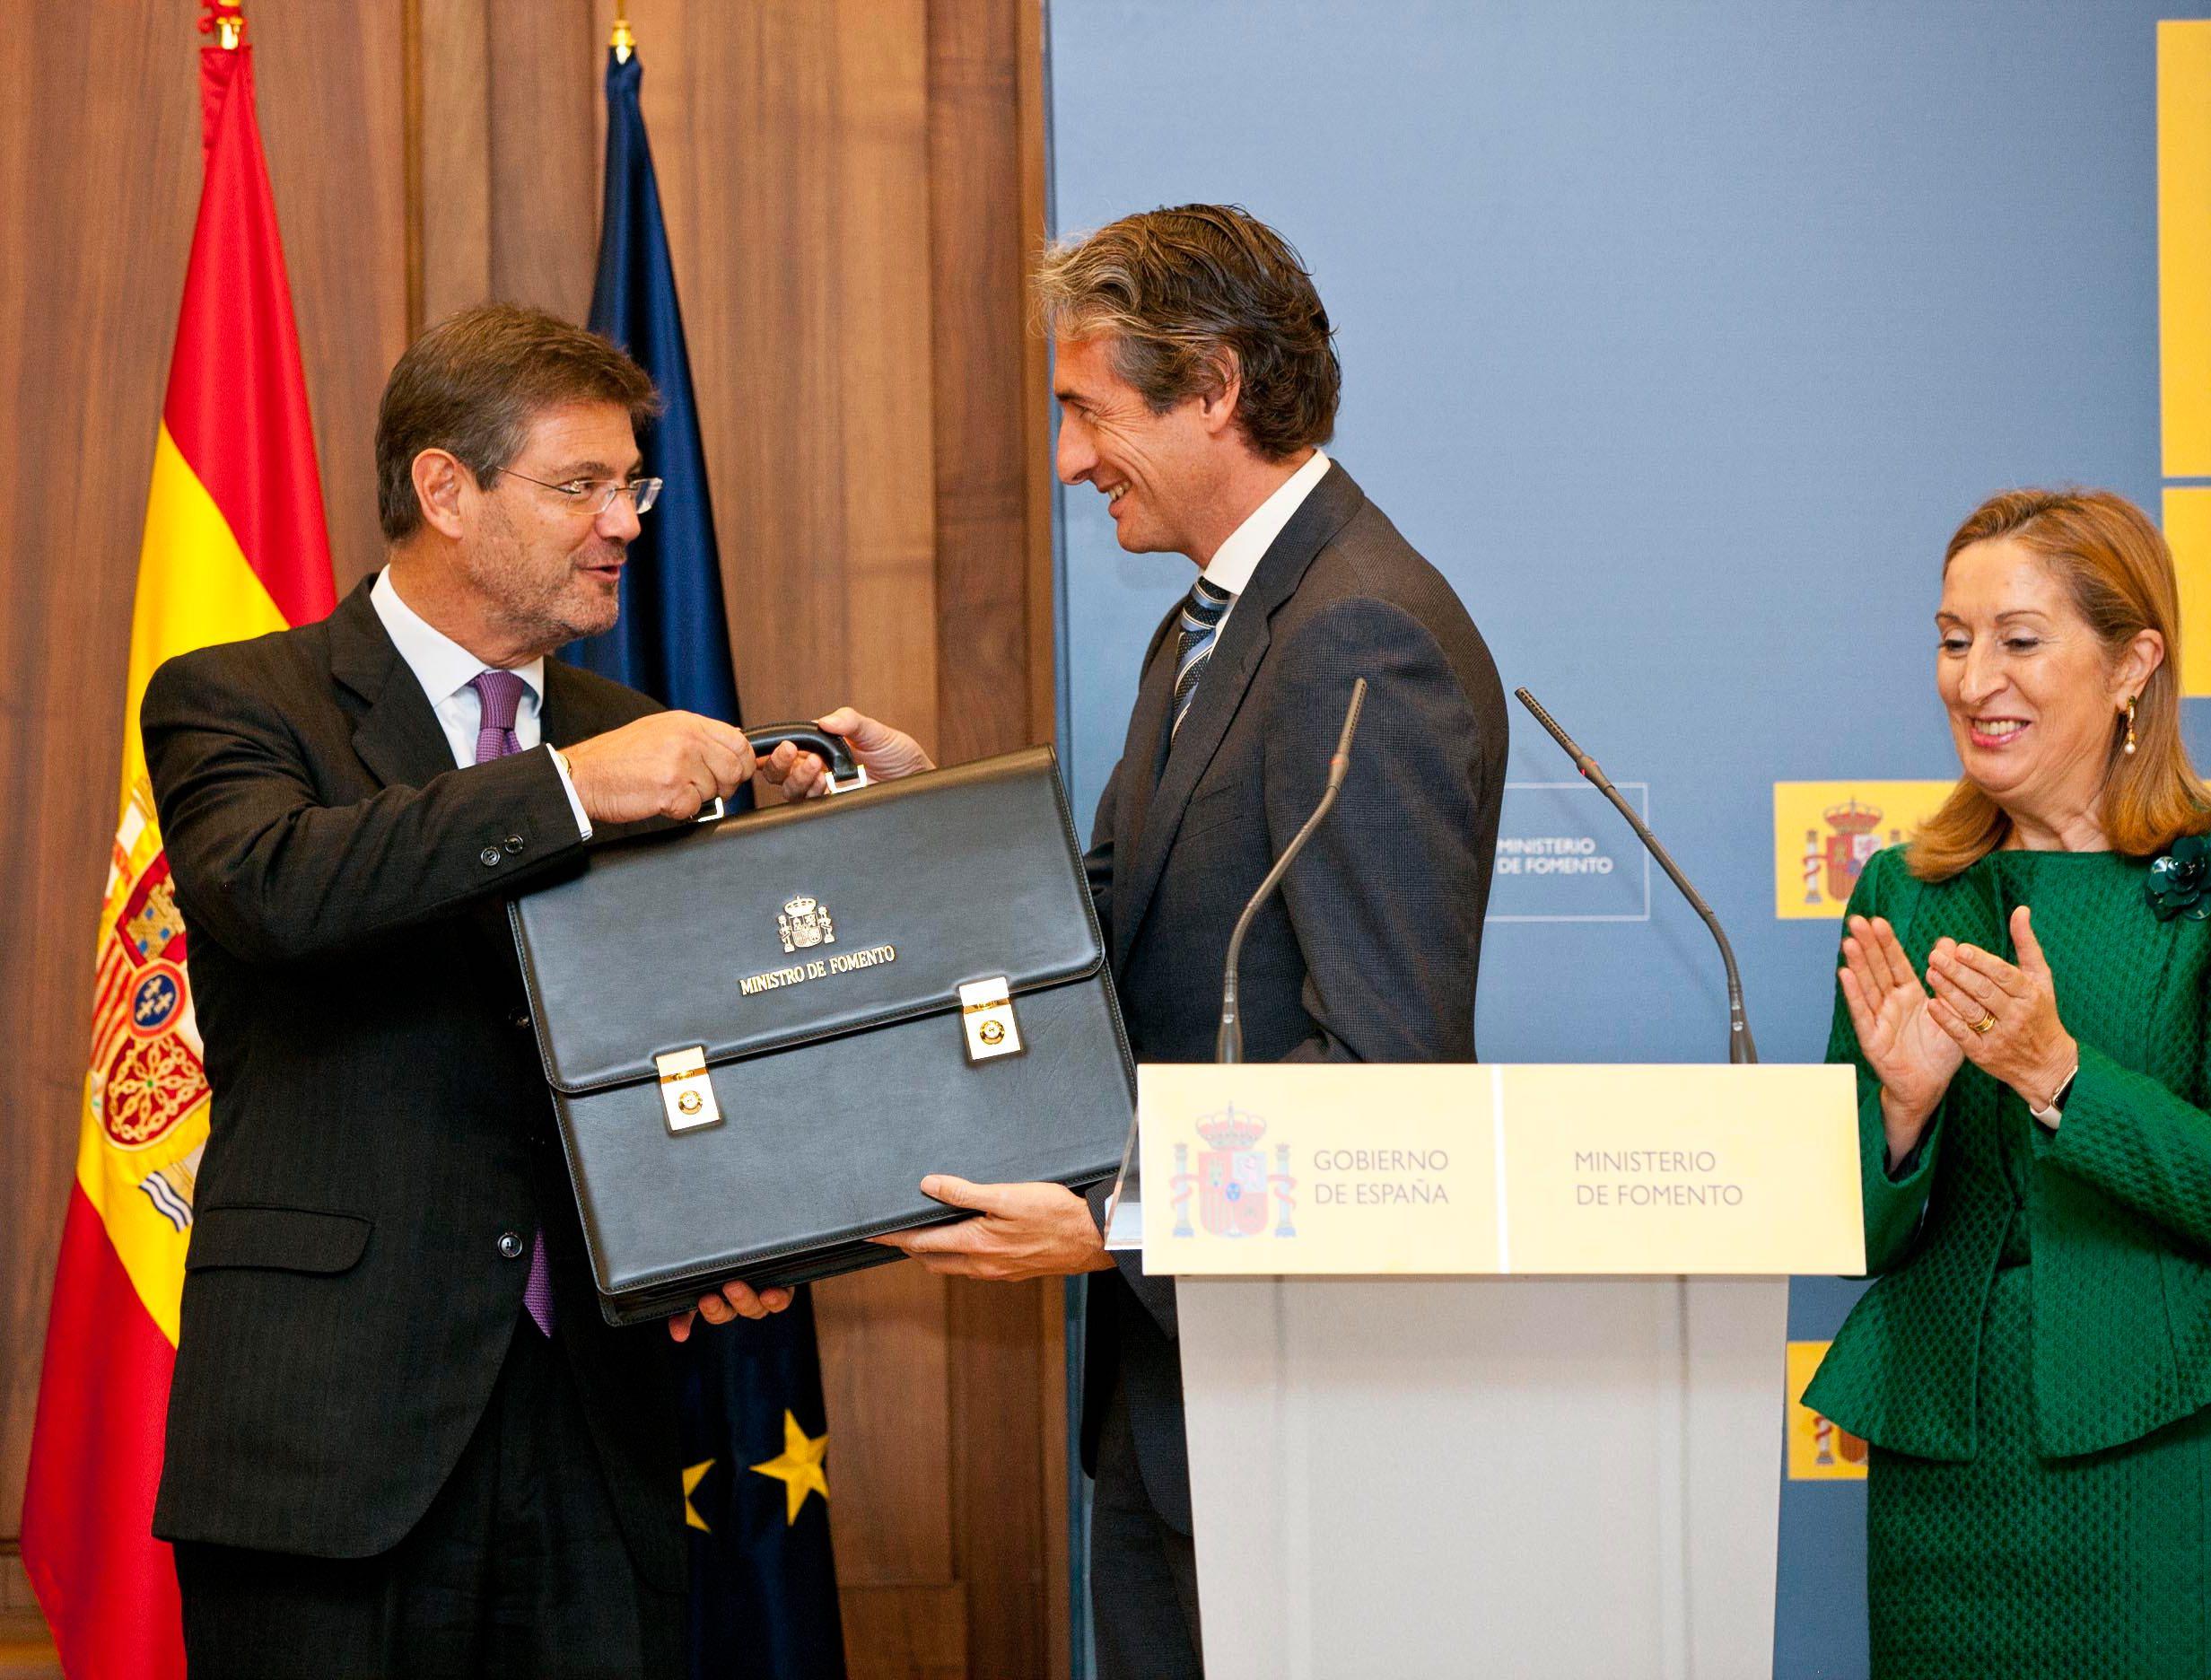 Rafael Catalá entrega la cartera de Ministro de Fomento a Íñigo de la Serna en presencia de Ana Pastor.